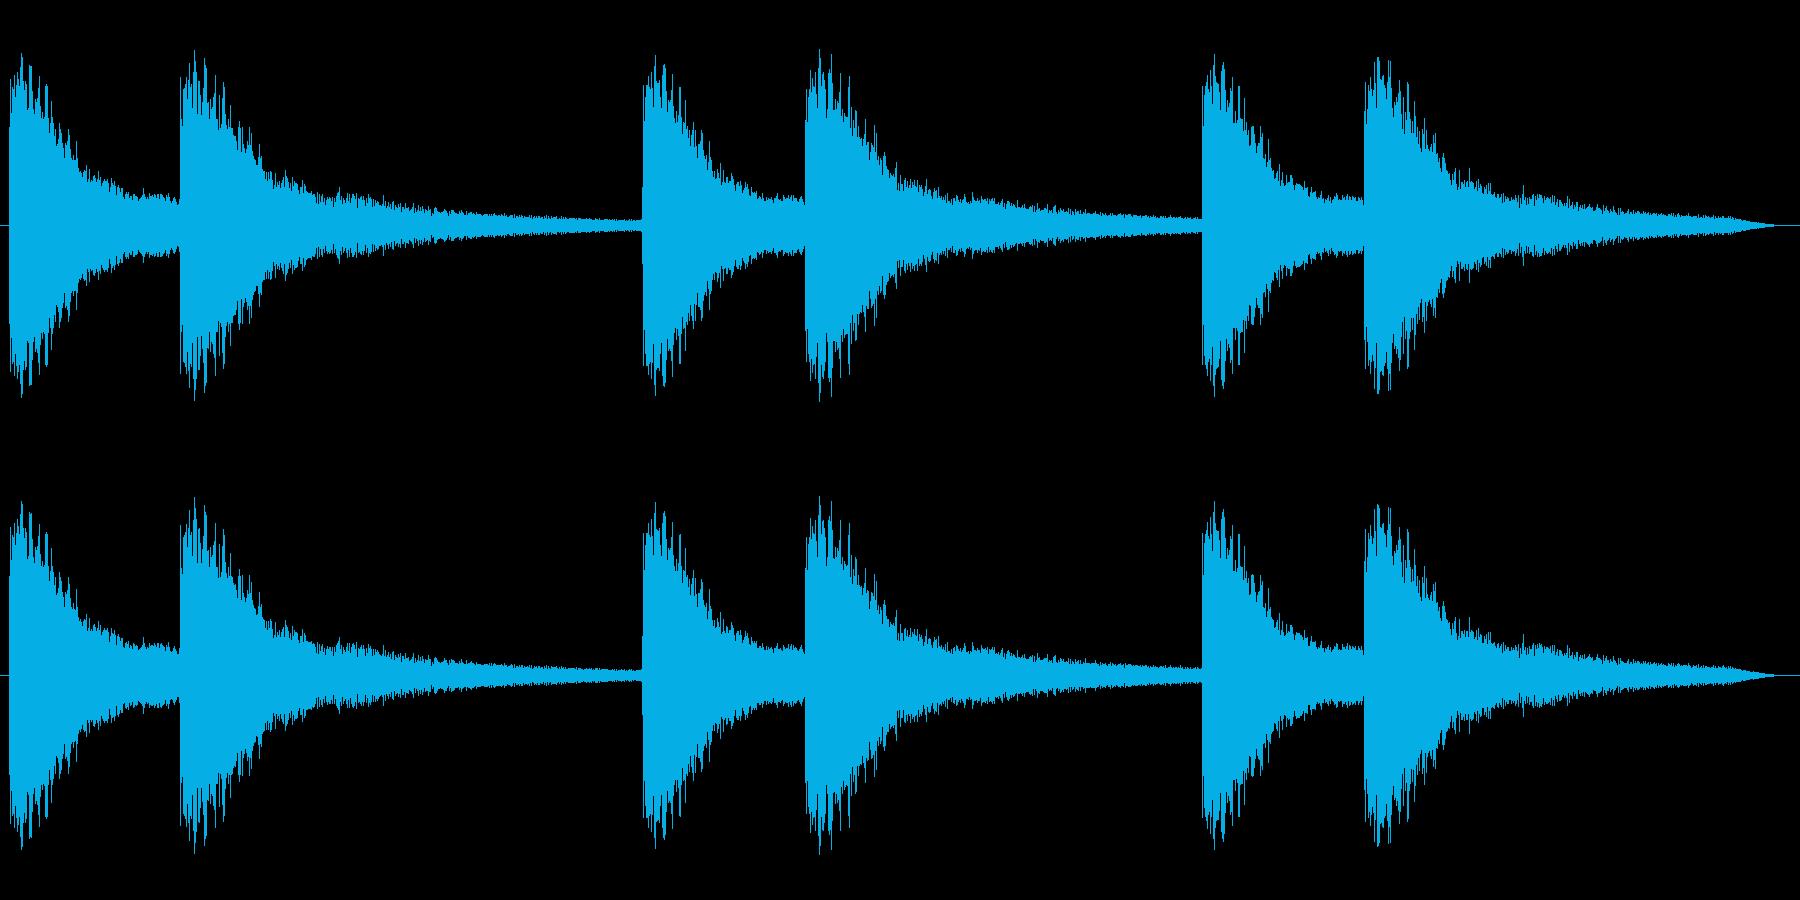 キーンコーンキーンコーン(鐘の音)の再生済みの波形